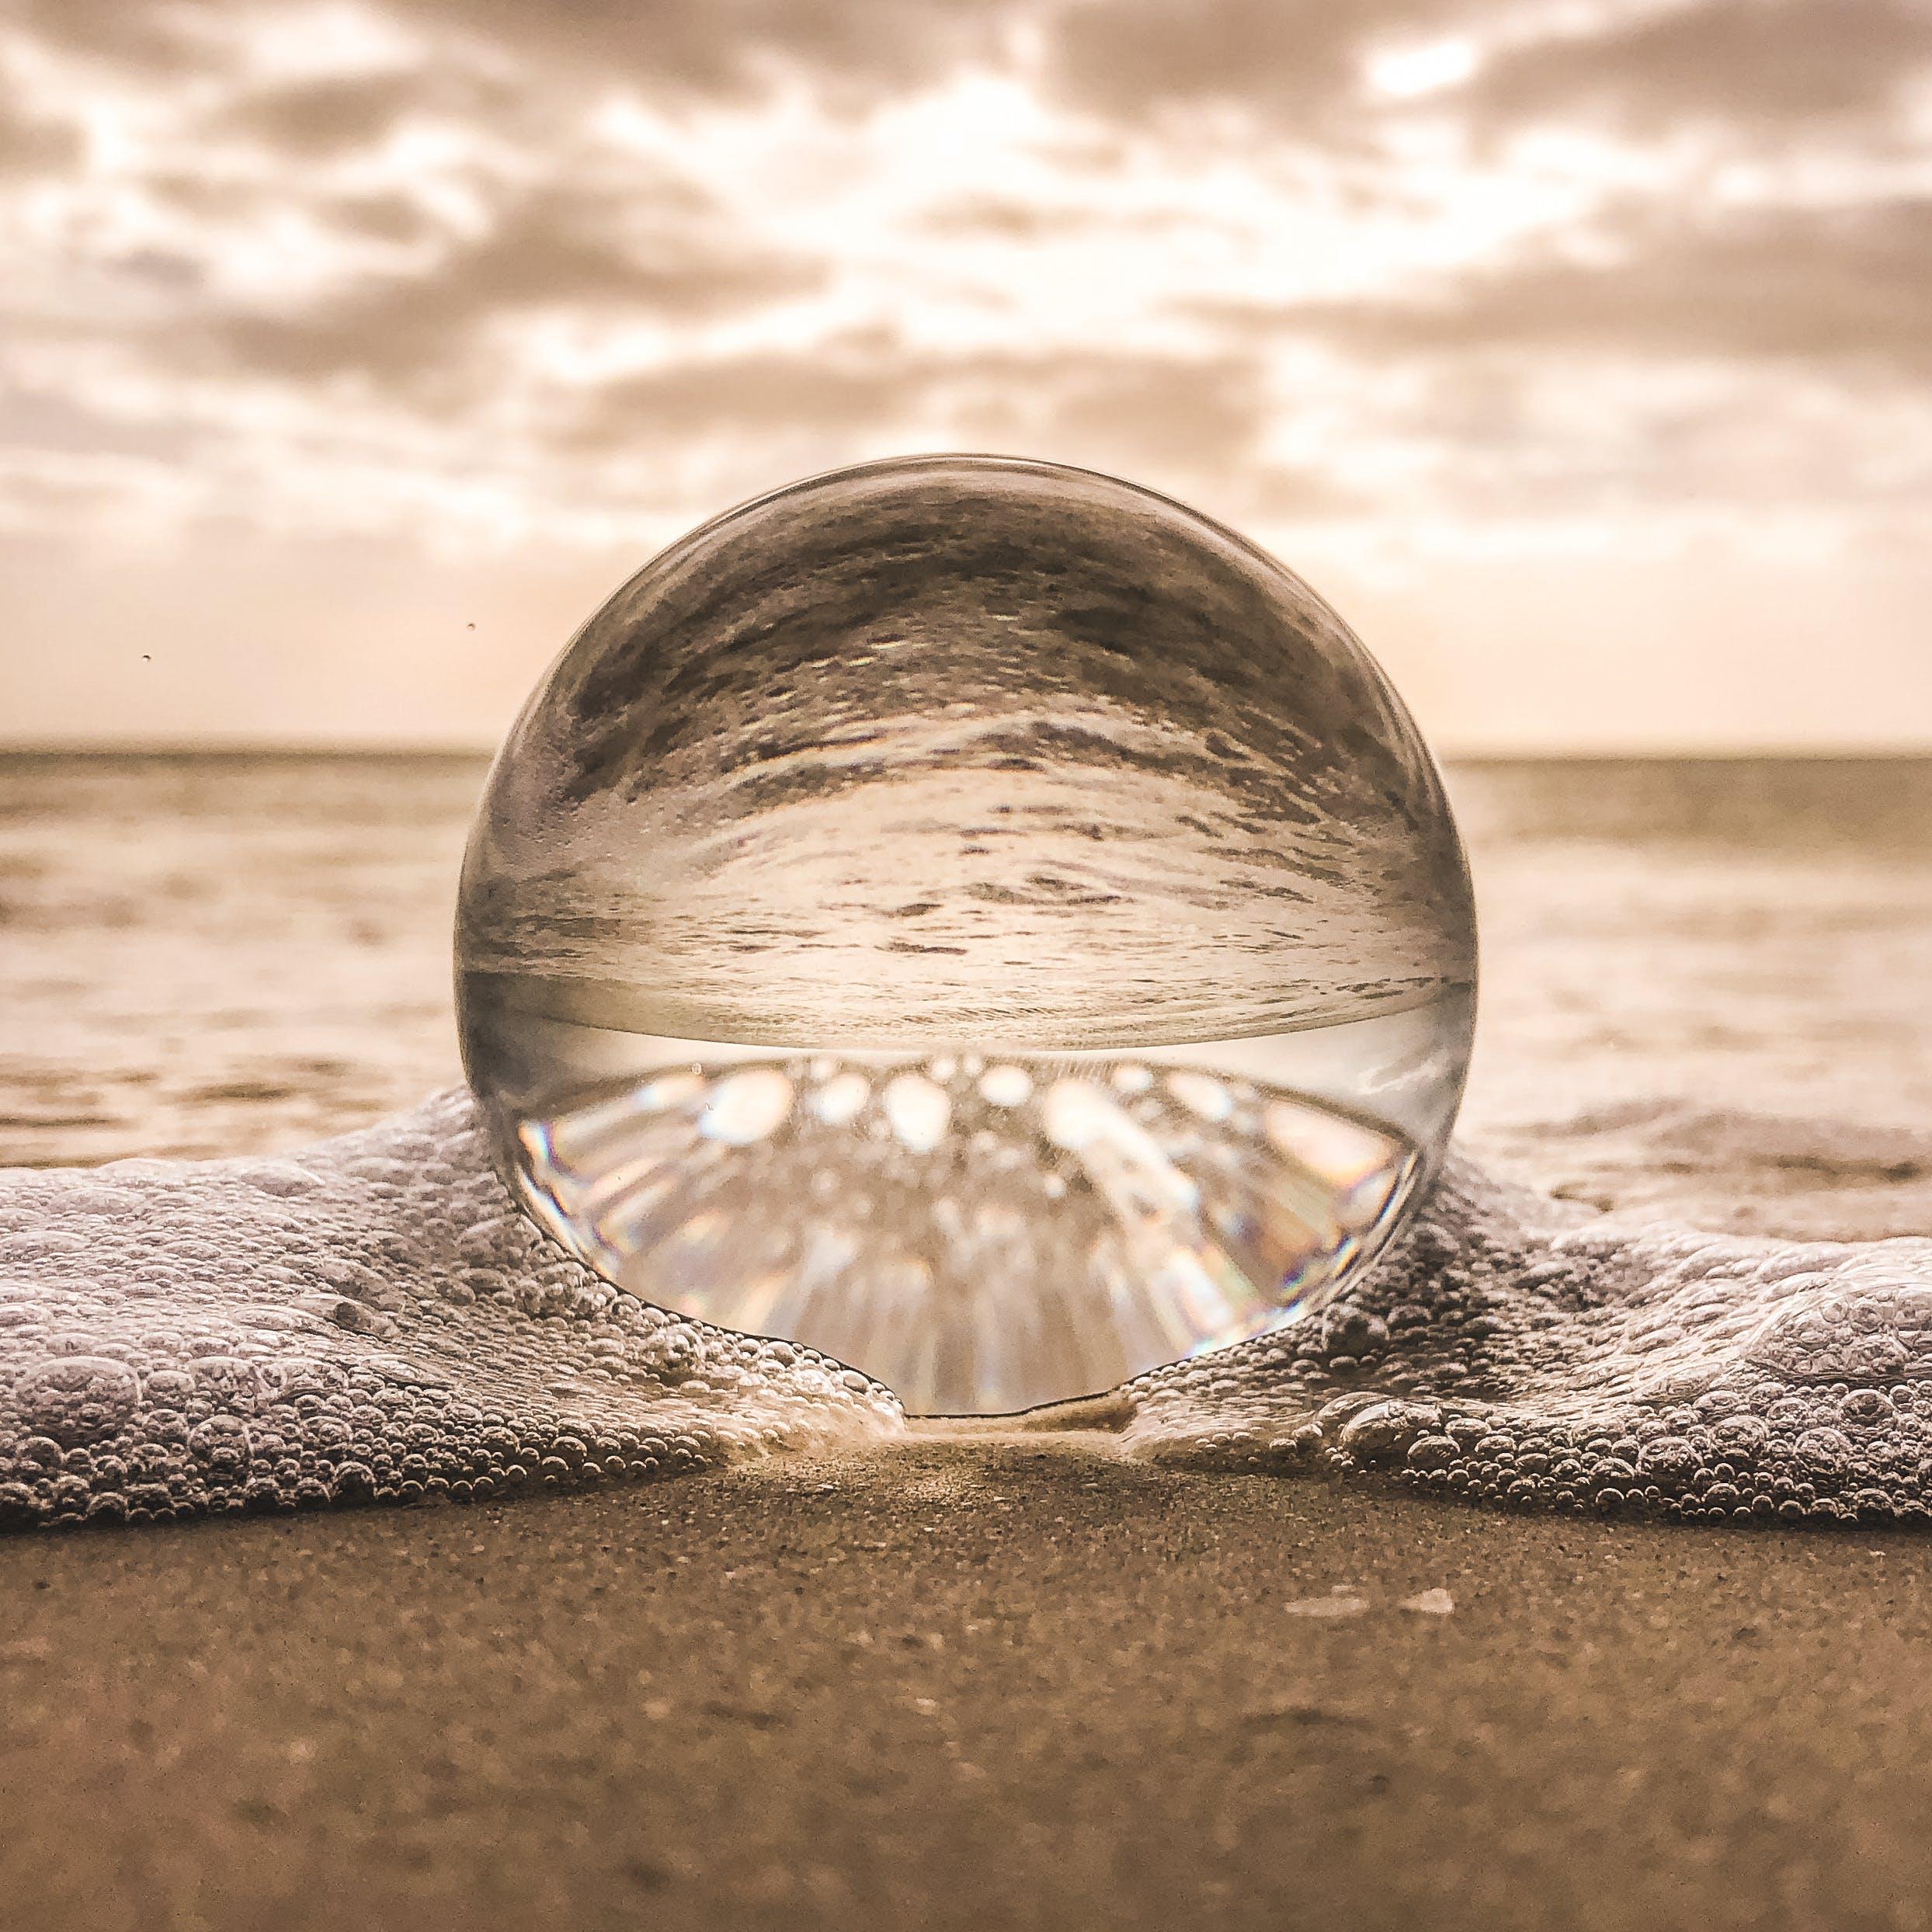 Бесплатное стоковое фото с берег моря, вода, максросъемка, море